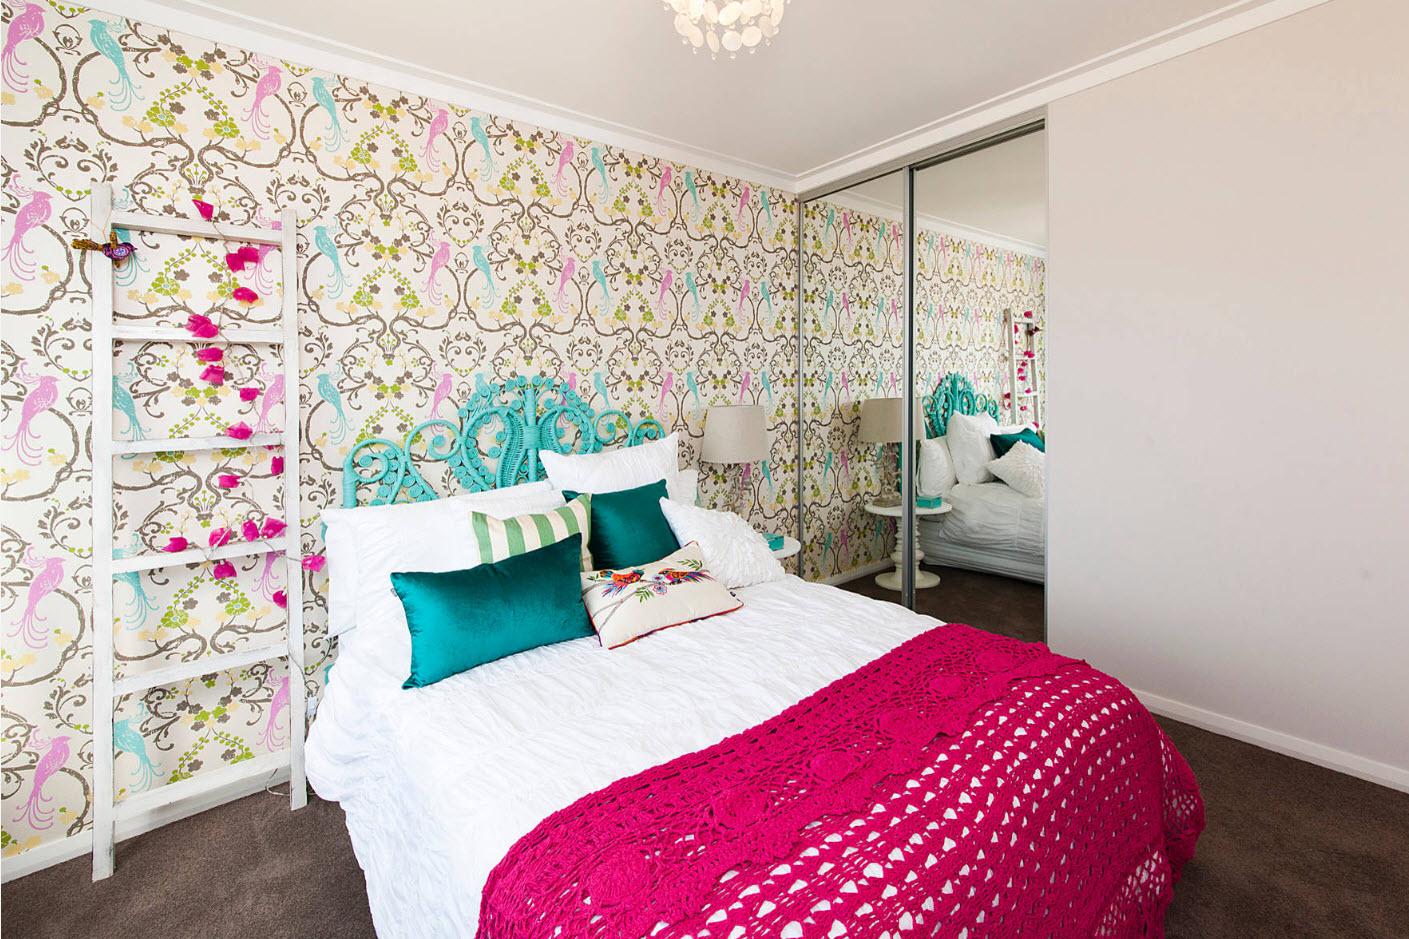 Фото дизайна обоев в спальню: модные оттенки, идеи поклейки